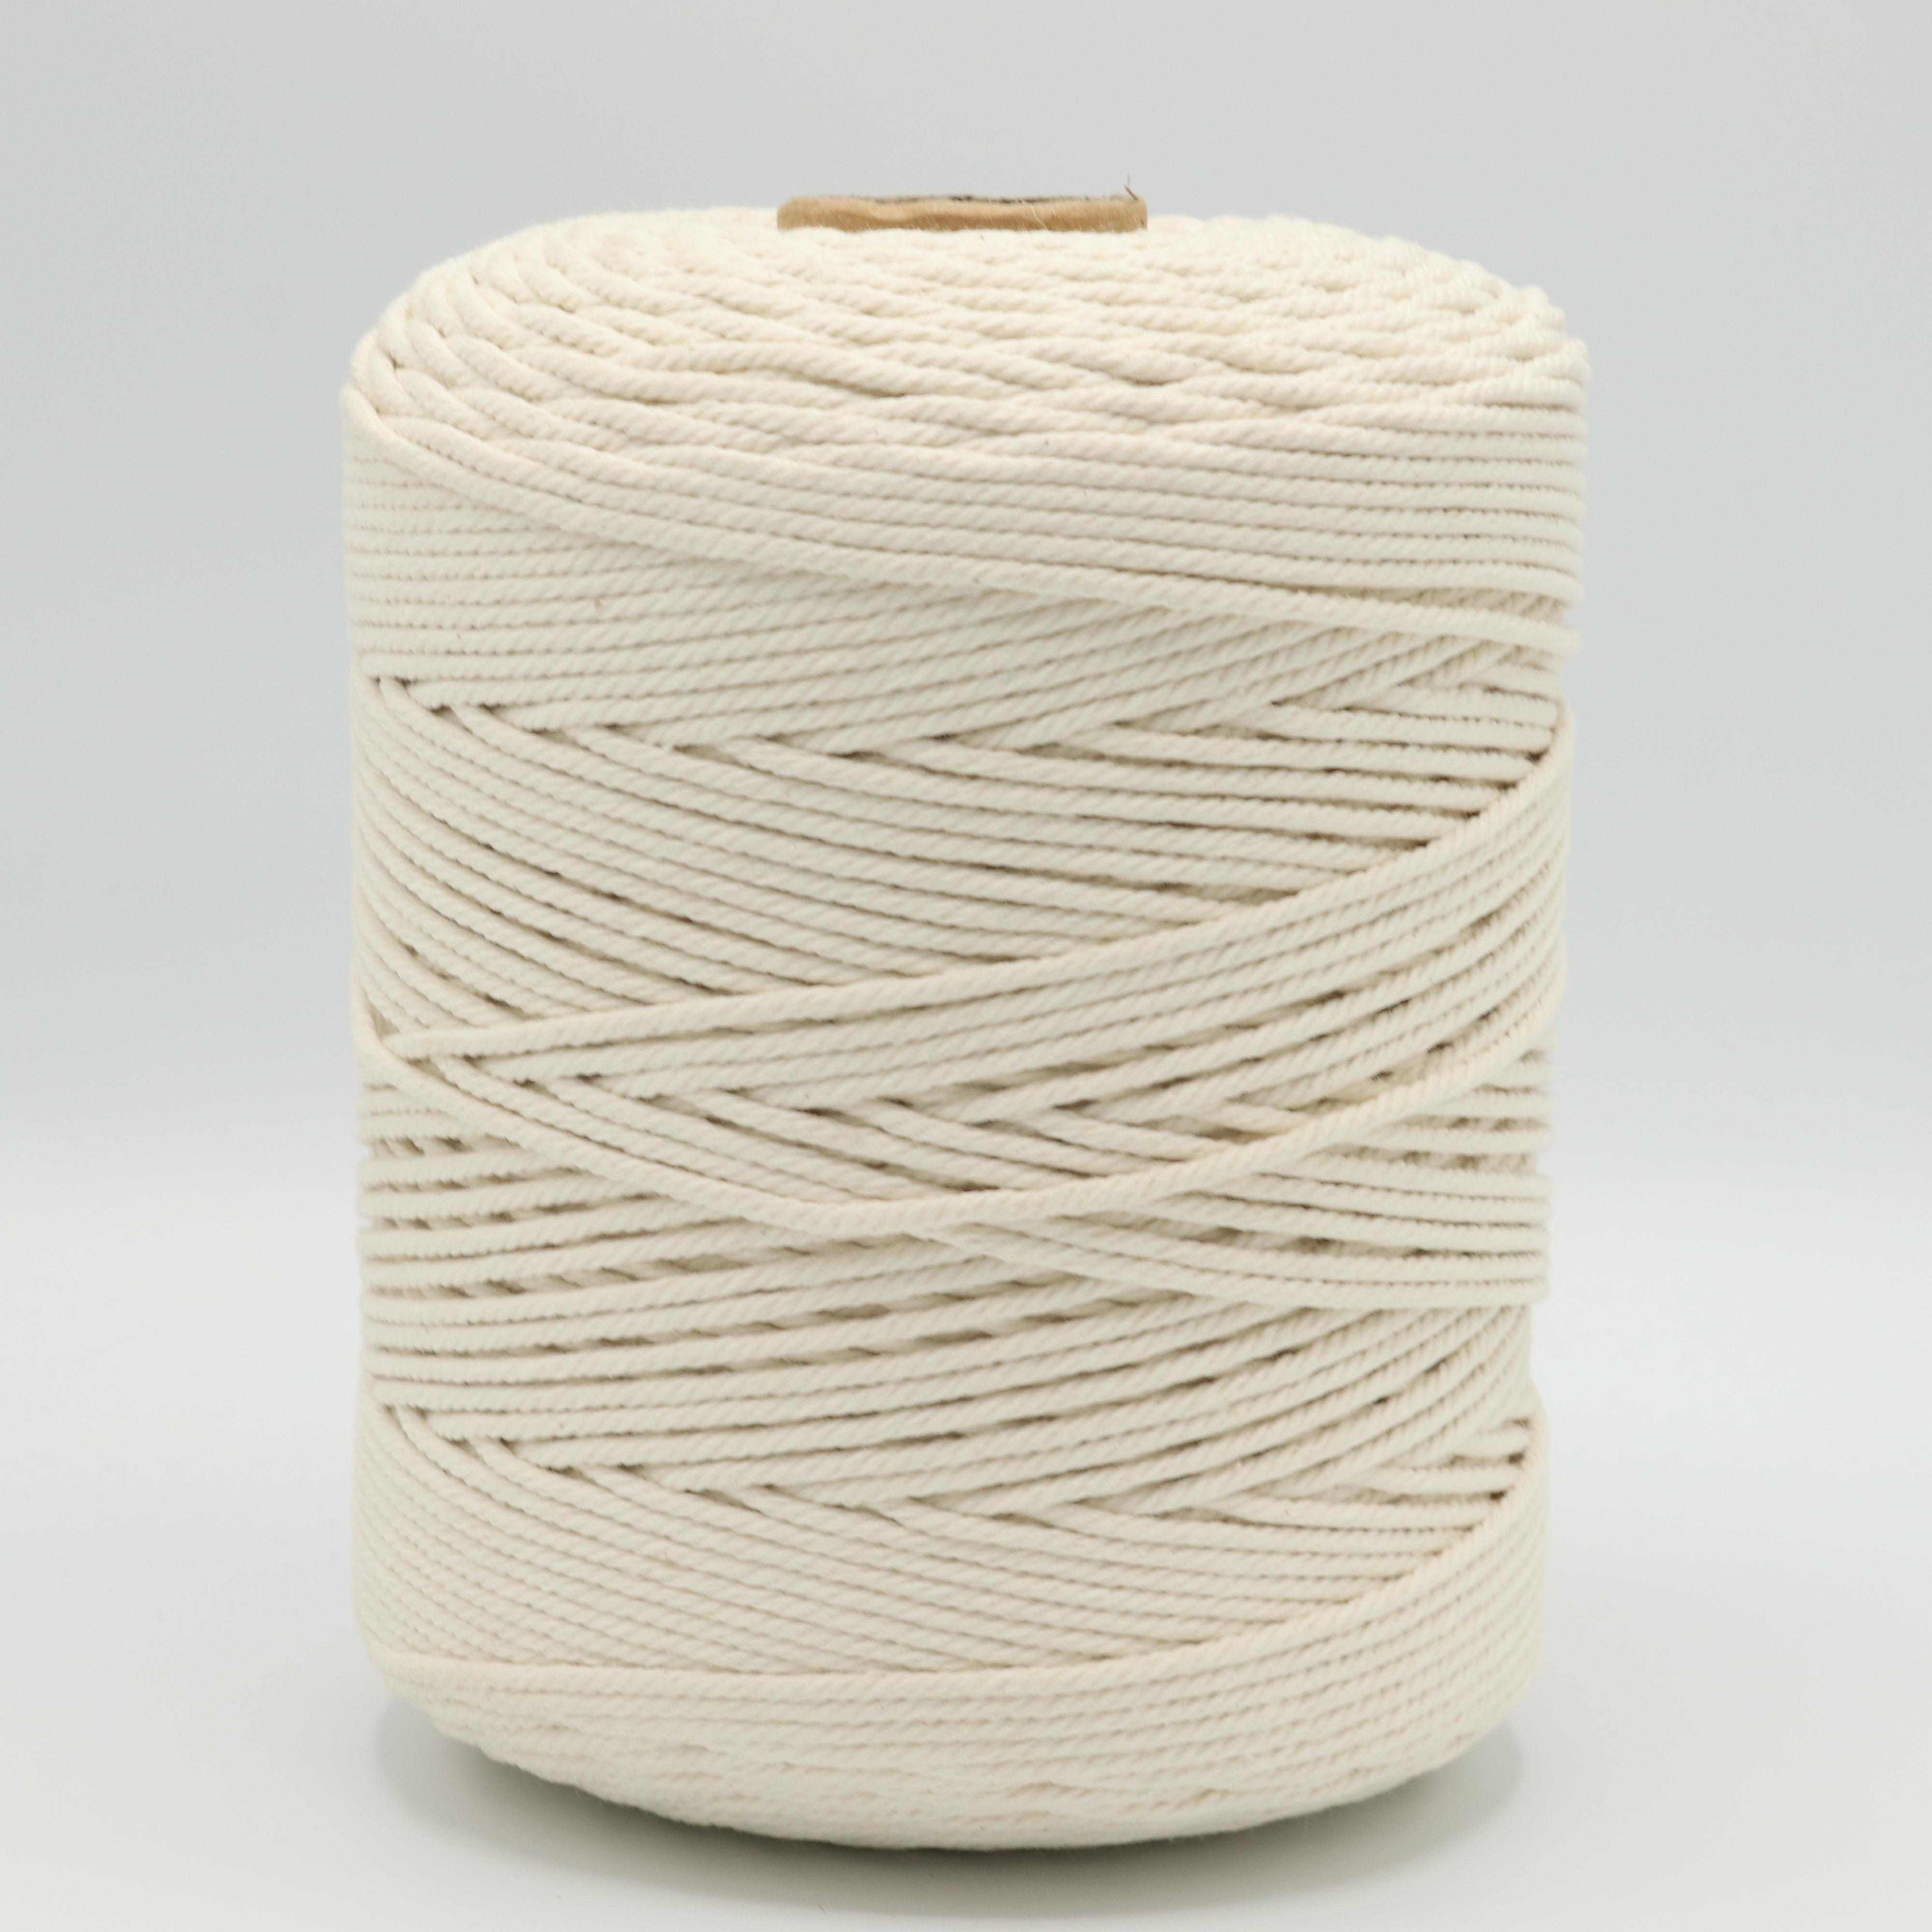 Веревка крученая для макраме 100% Хлопок, 3мм х 500м(+/-5), цв.суровый